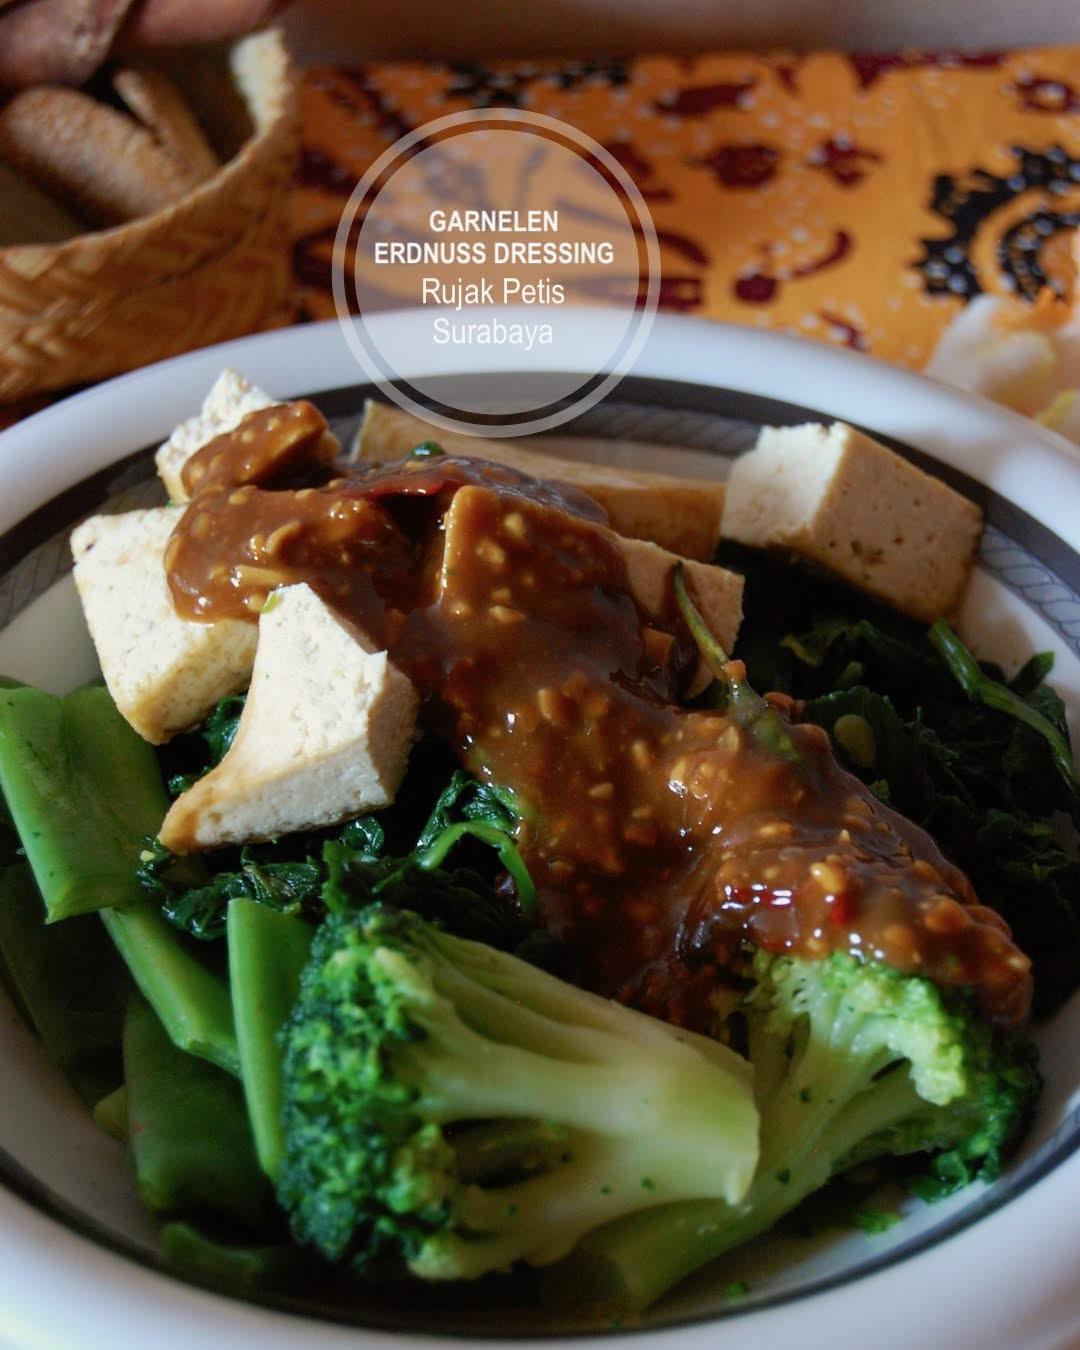 Rezept Rujak Petis, Erdnuss-Dressing für Gemüsesalat